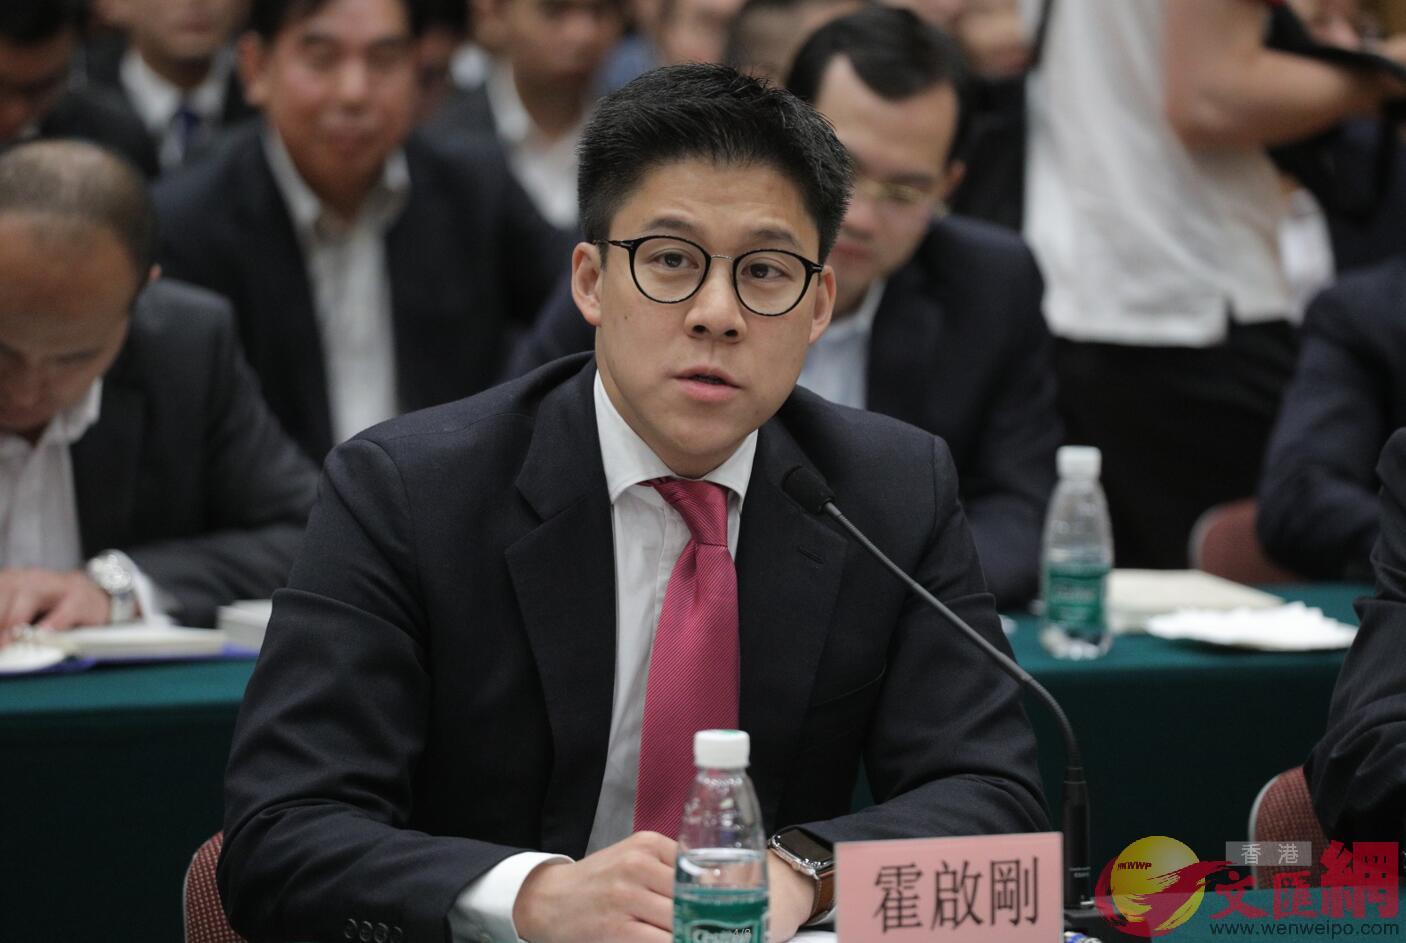 香港各界青少年活動委員會執行主席、全國青聯常委霍啟剛發言